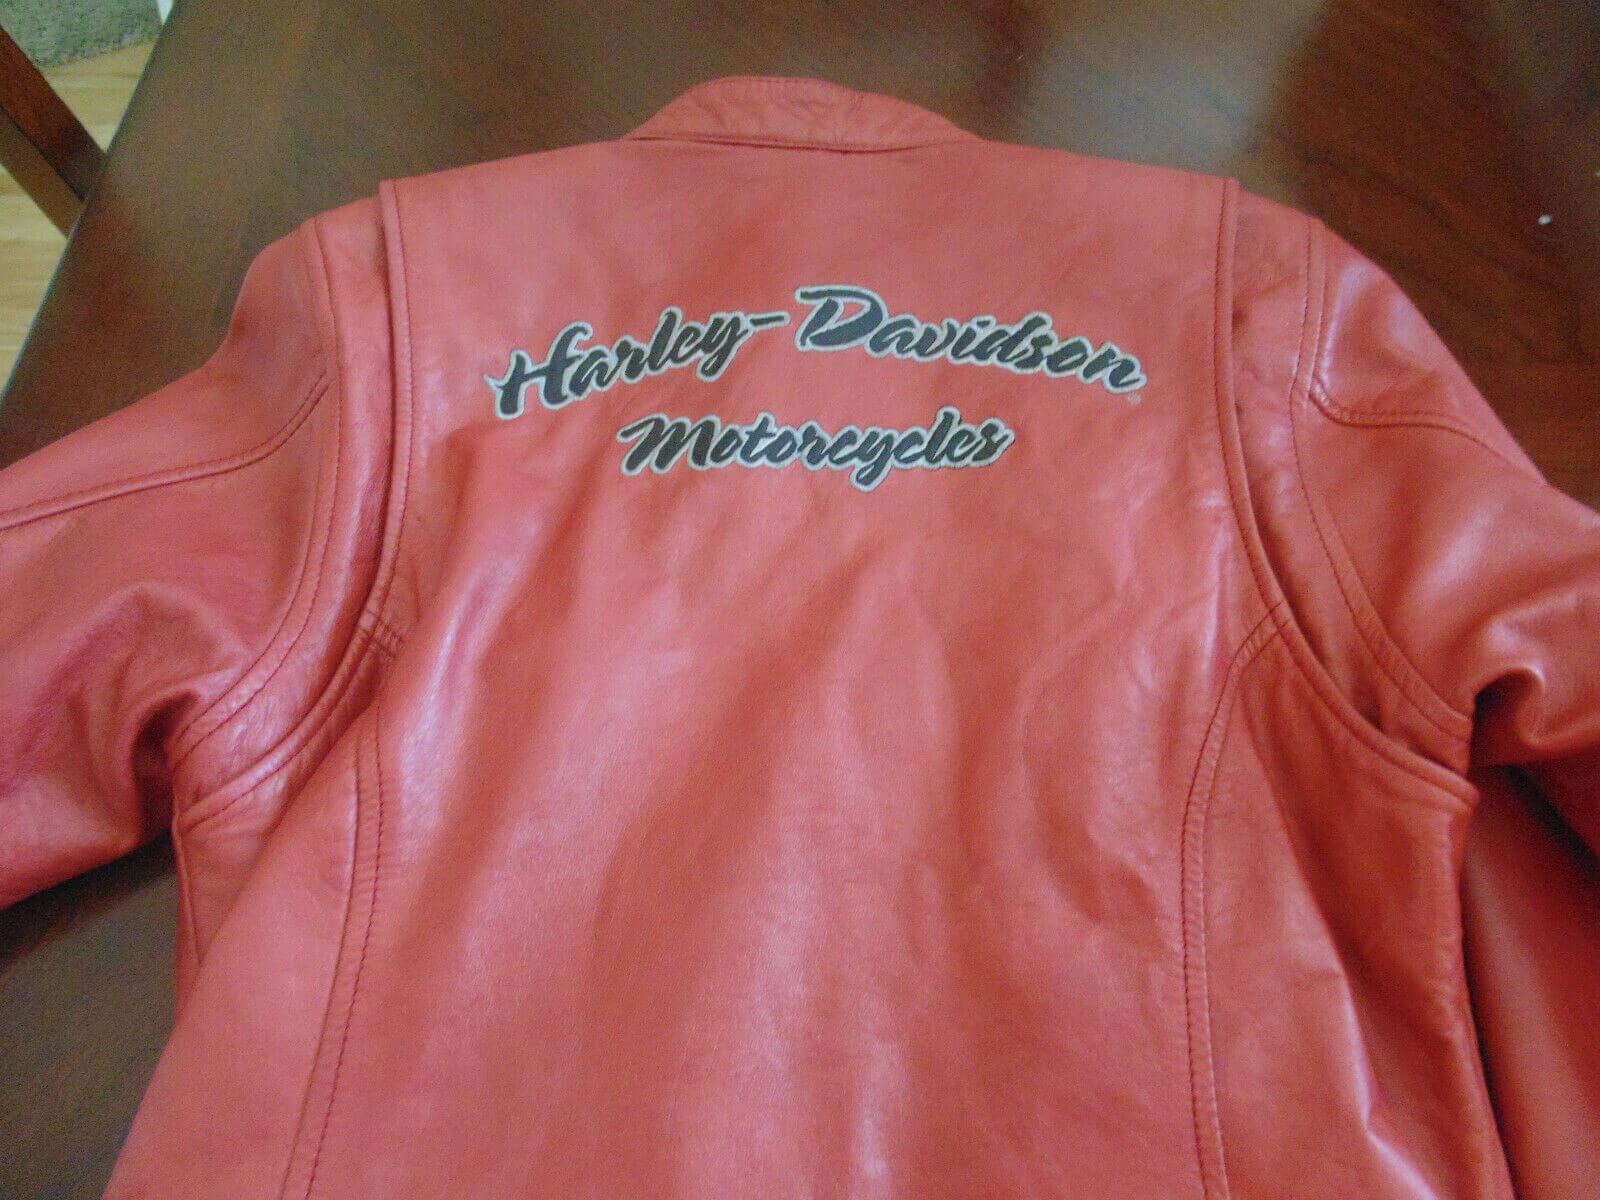 Harley Davidson Leather Orange Riding Jacket